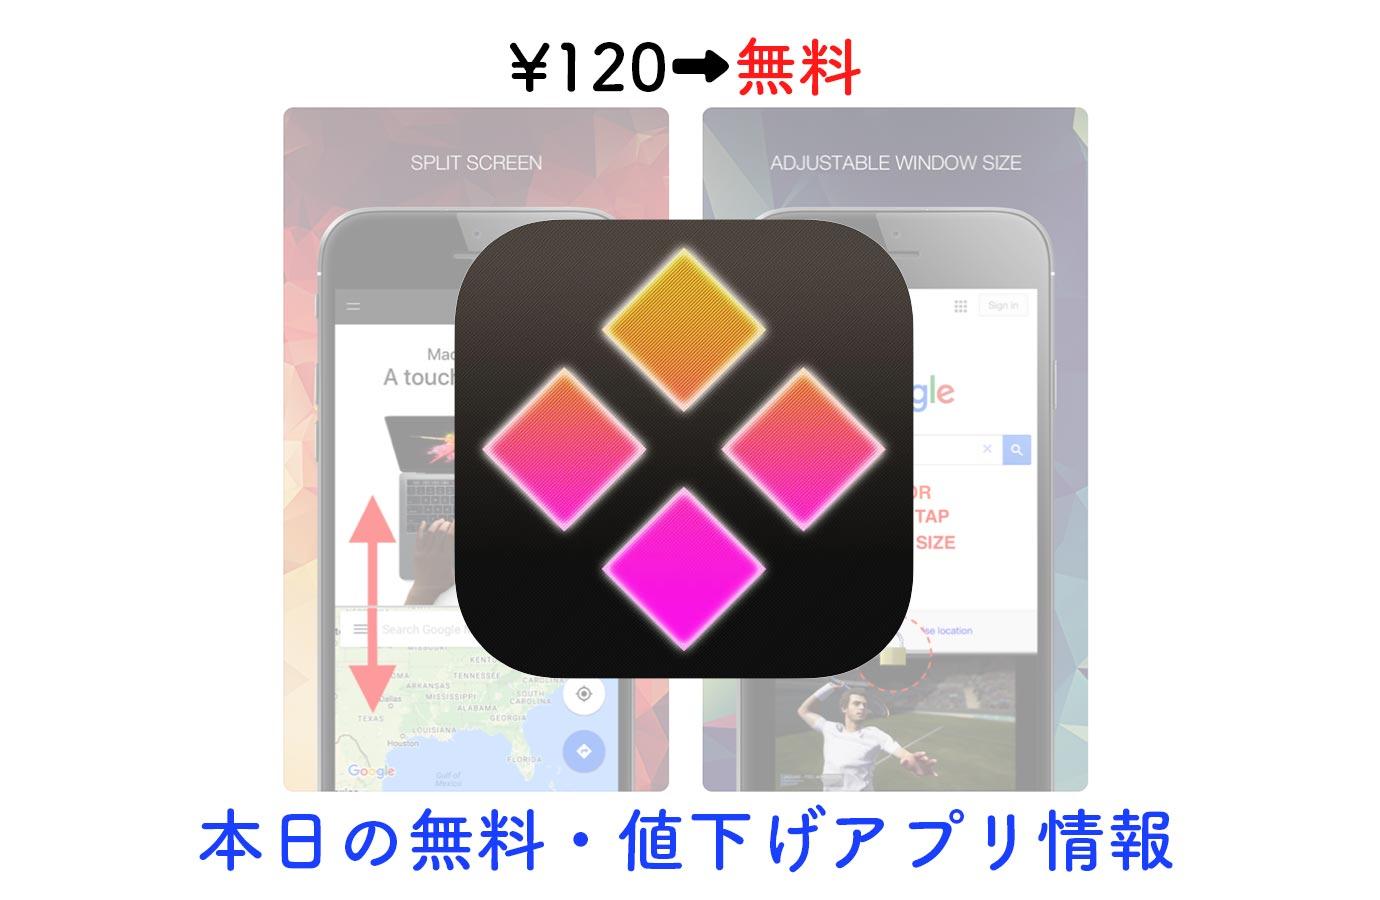 120円→無料、便利な2画面ブラウザアプリ「halfes」など【4/15】セールアプリ情報